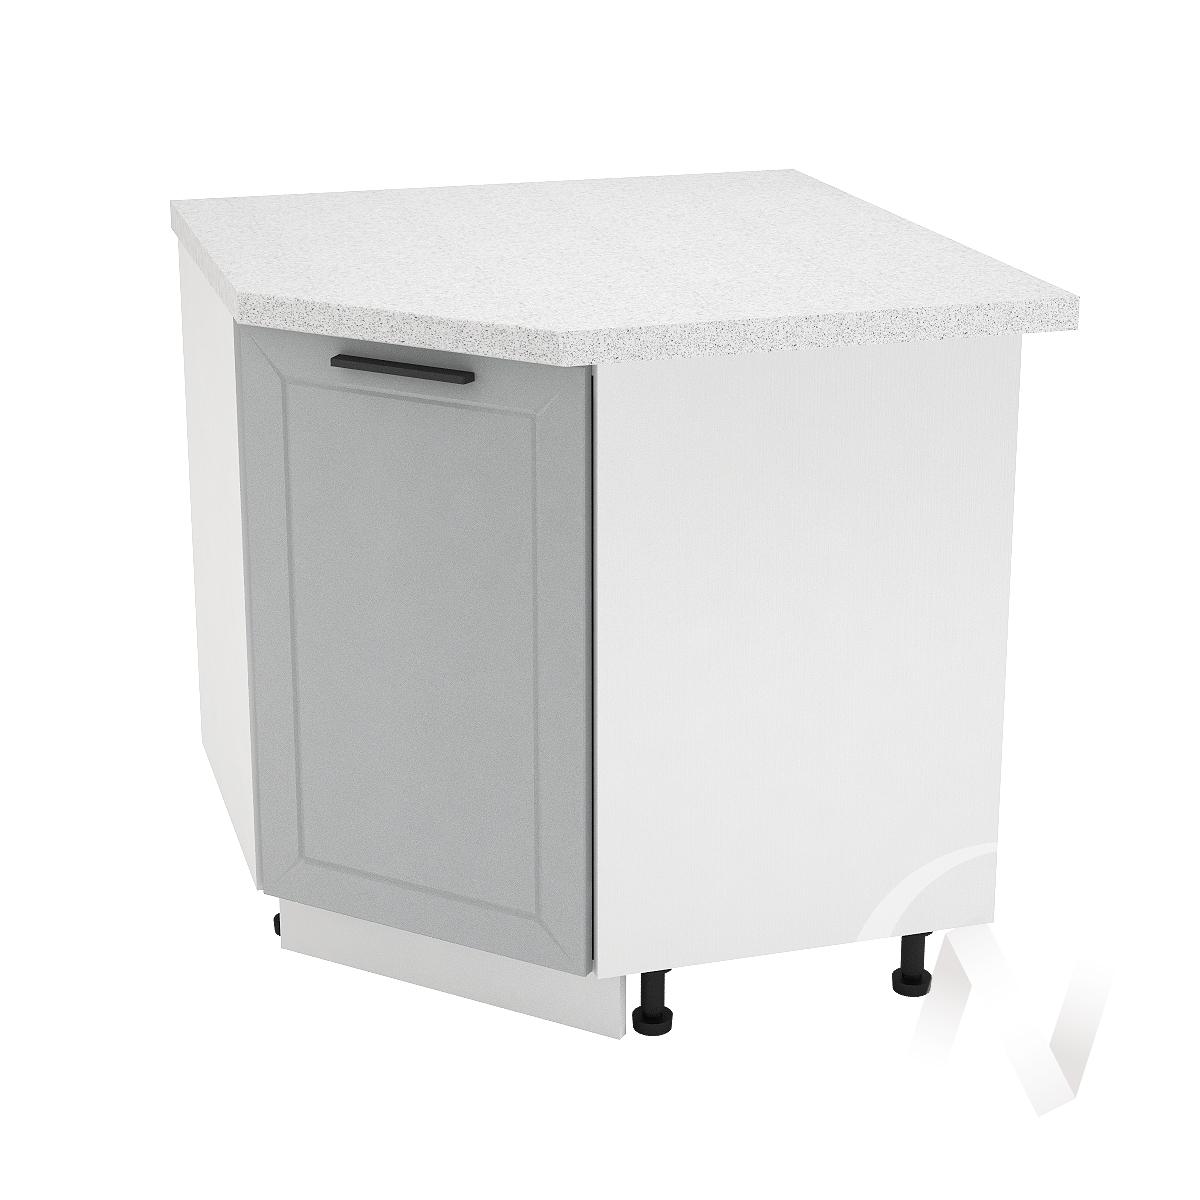 """Кухня """"Глетчер"""": Шкаф нижний угловой 890, ШНУ 890 (Гейнсборо Силк/корпус белый)"""